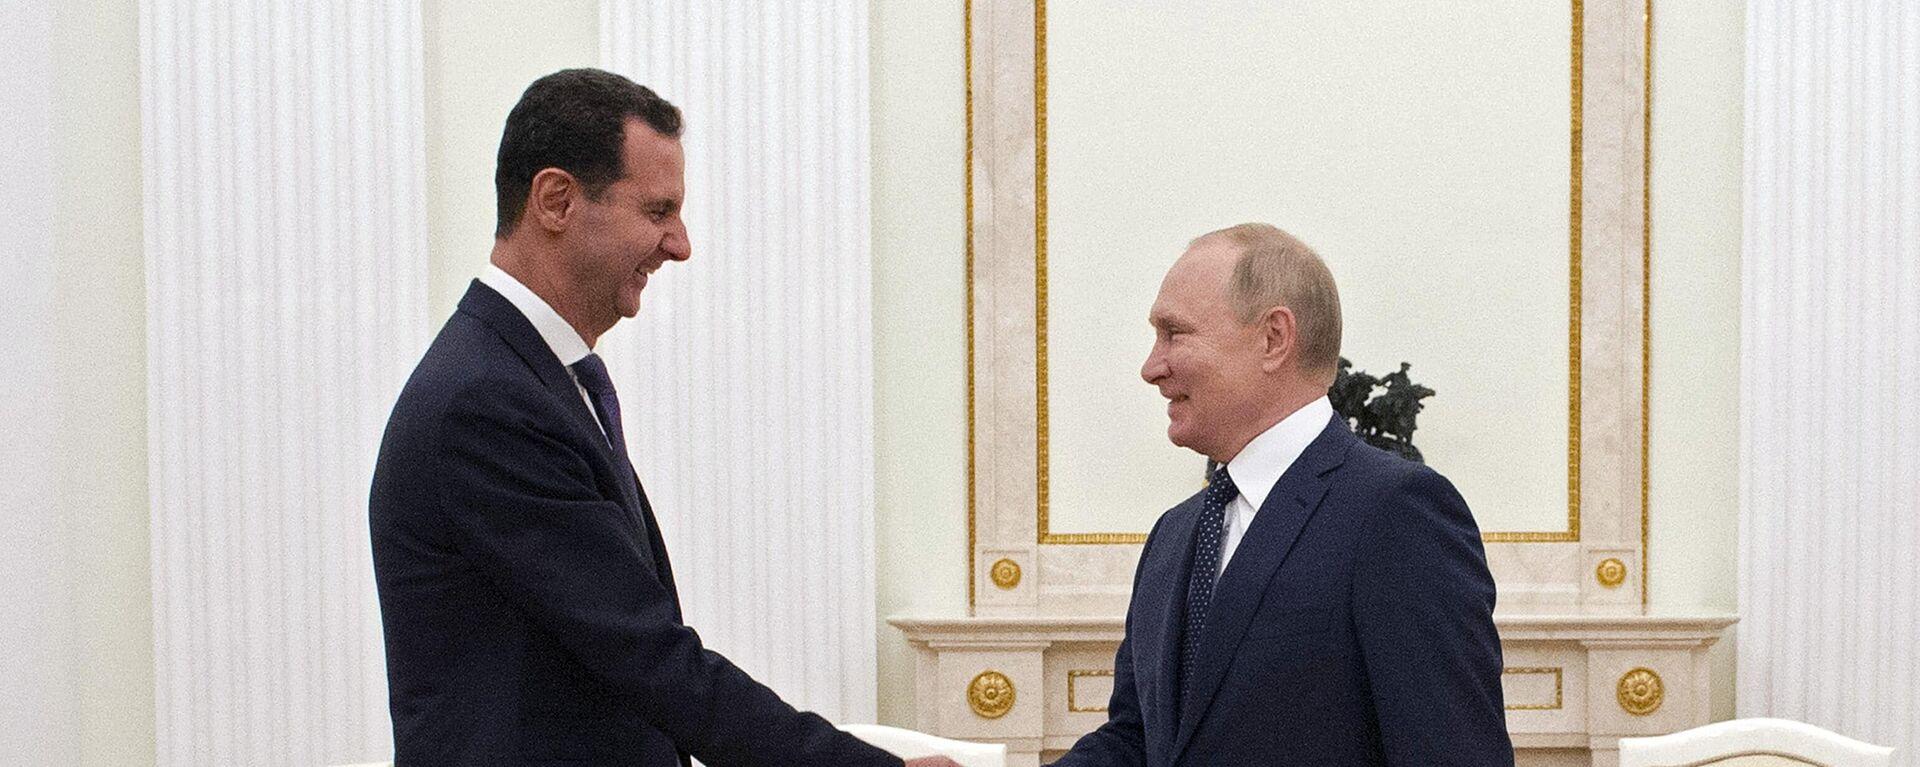 Der russische Präsident Wladimir Putun trifft seinen syrischen Amtskollegen Baschar al-Assad im Kreml - SNA, 1920, 14.09.2021